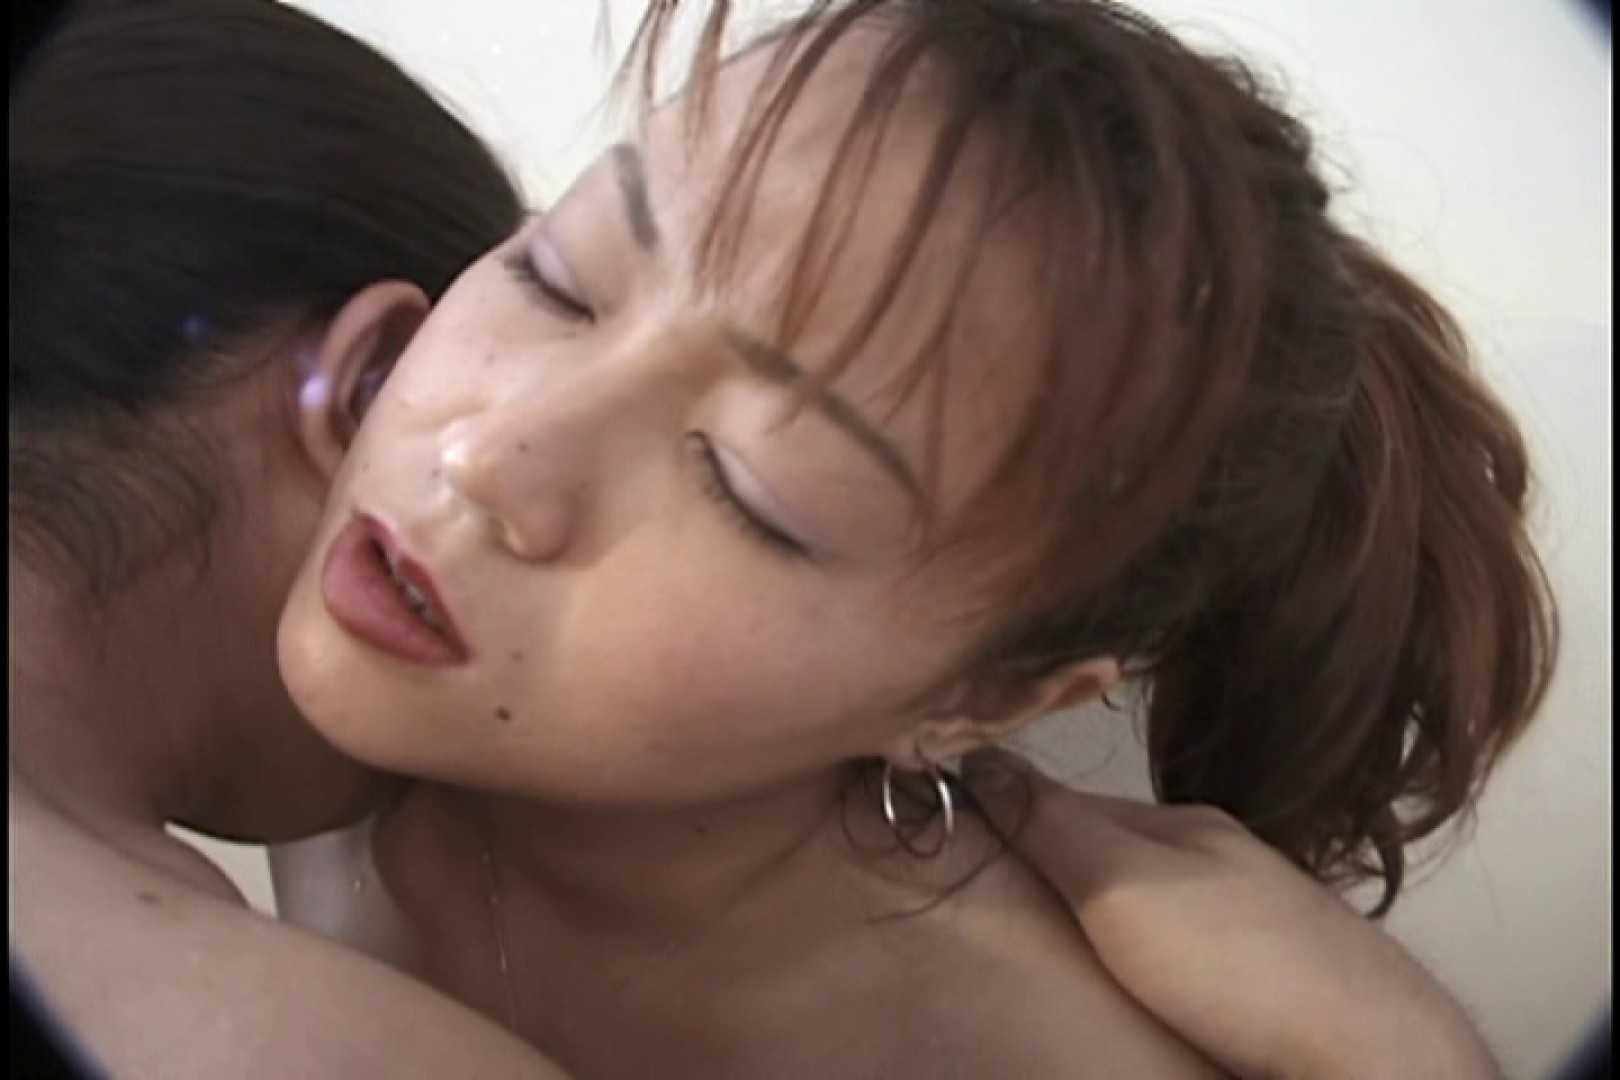 昼間の奥様は欲求不満 ~柴田清美~ おっぱい ヌード画像 104PIX 68